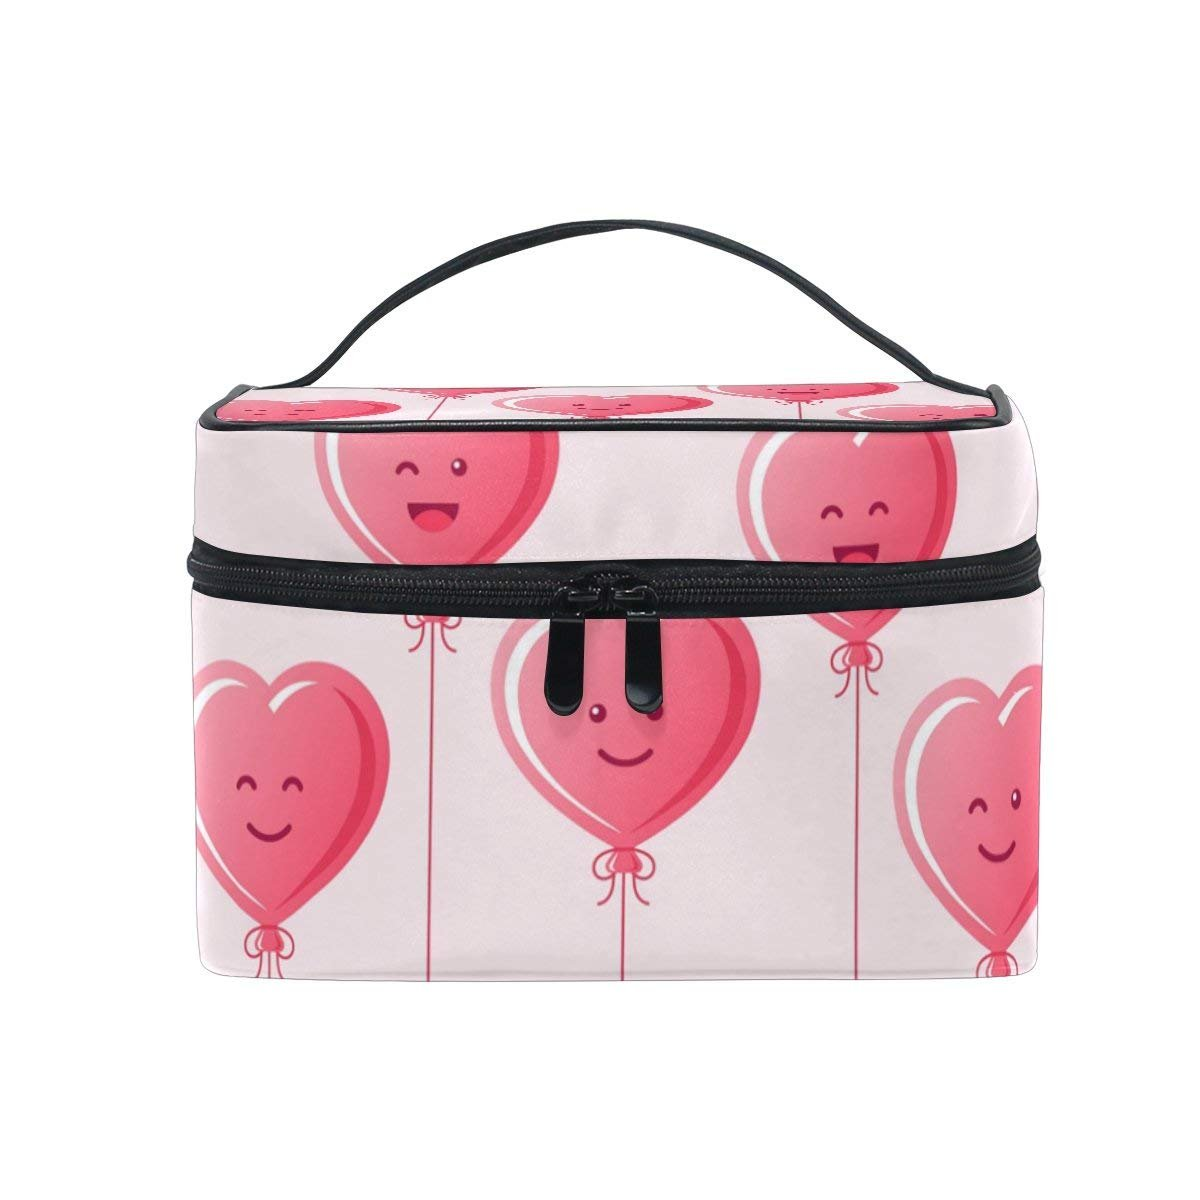 Makeup Bag Love Heart Balloon Mens Travel Toiletry Bag Mens Cosmetic Bags for Women Fun Large Makeup Organizer